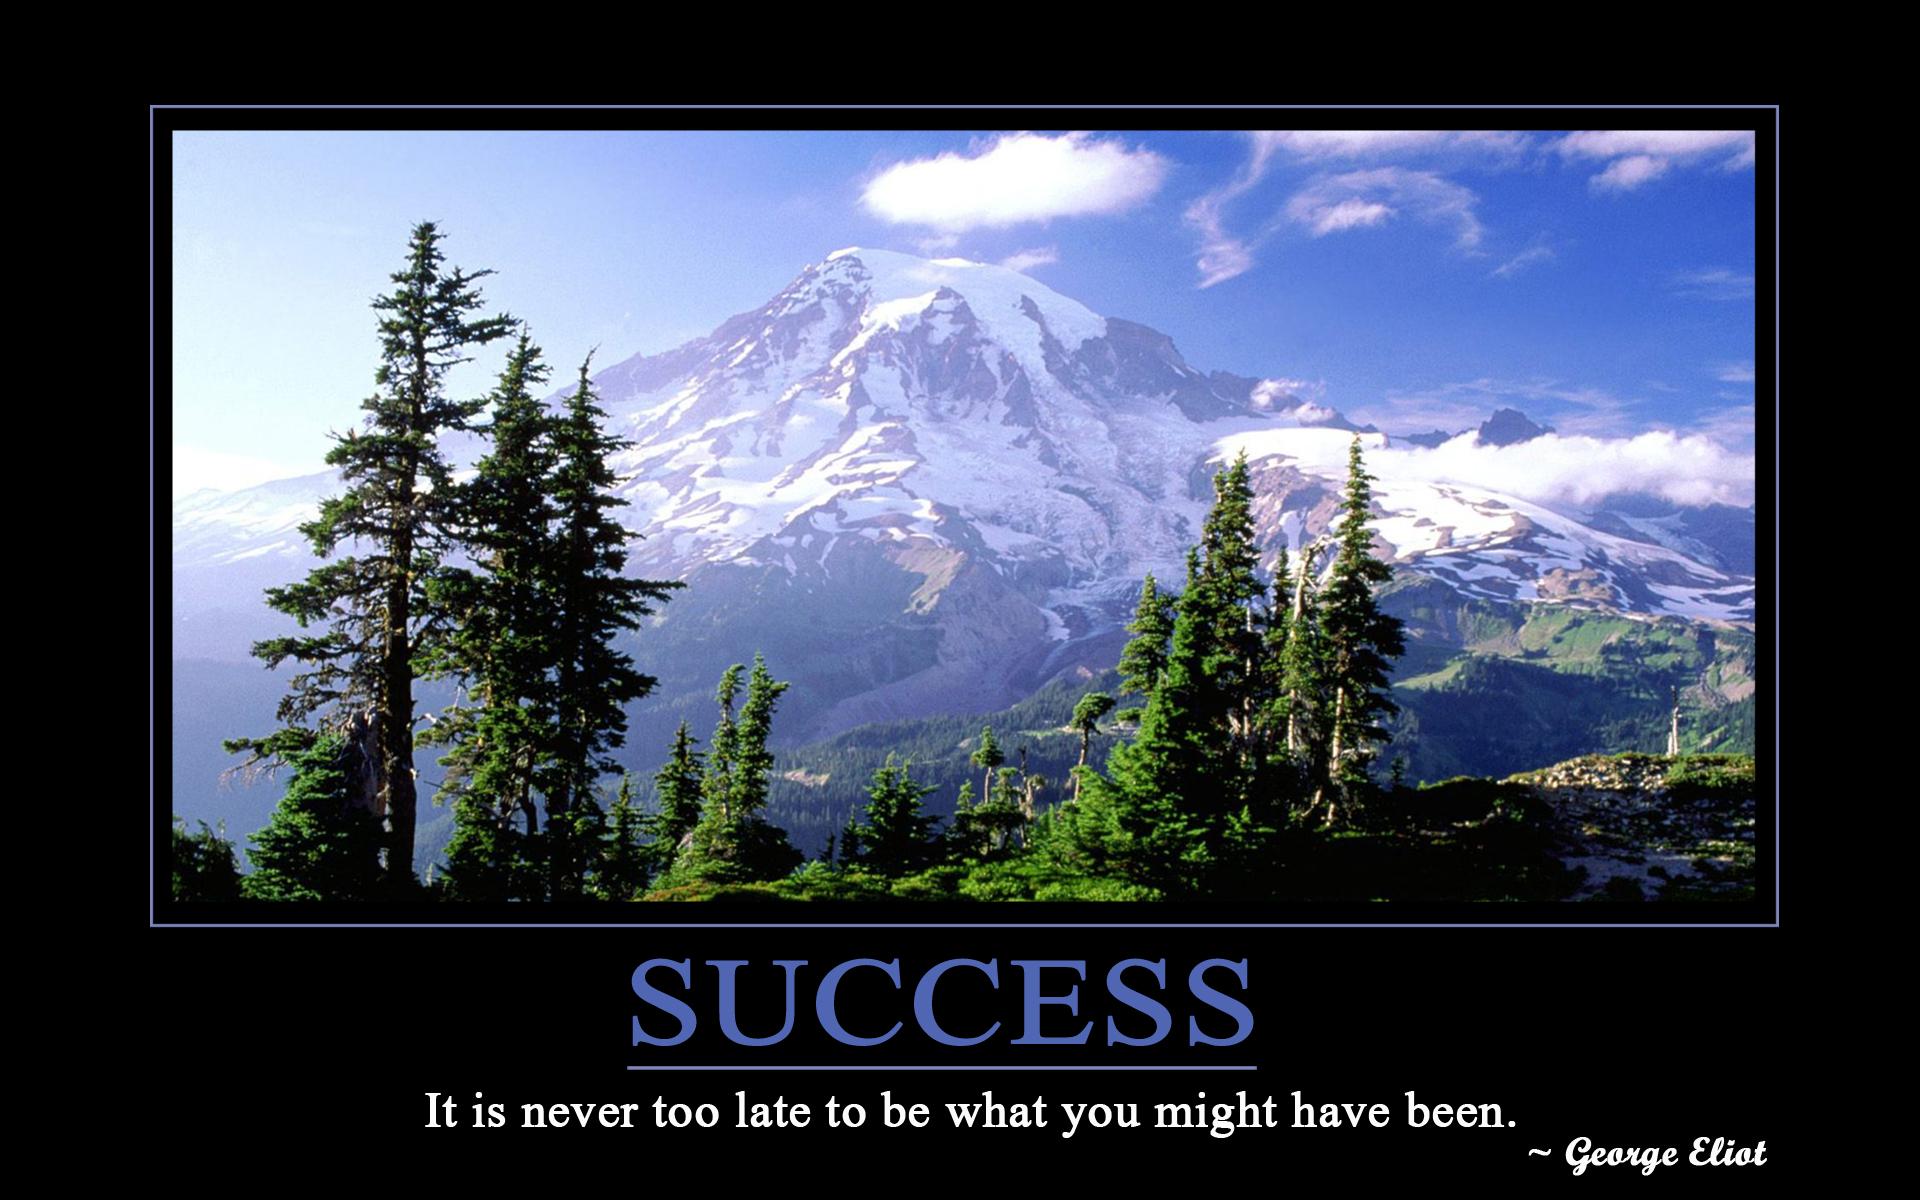 Motivational Wallpaper Success Goal Setting Guide 1920x1200